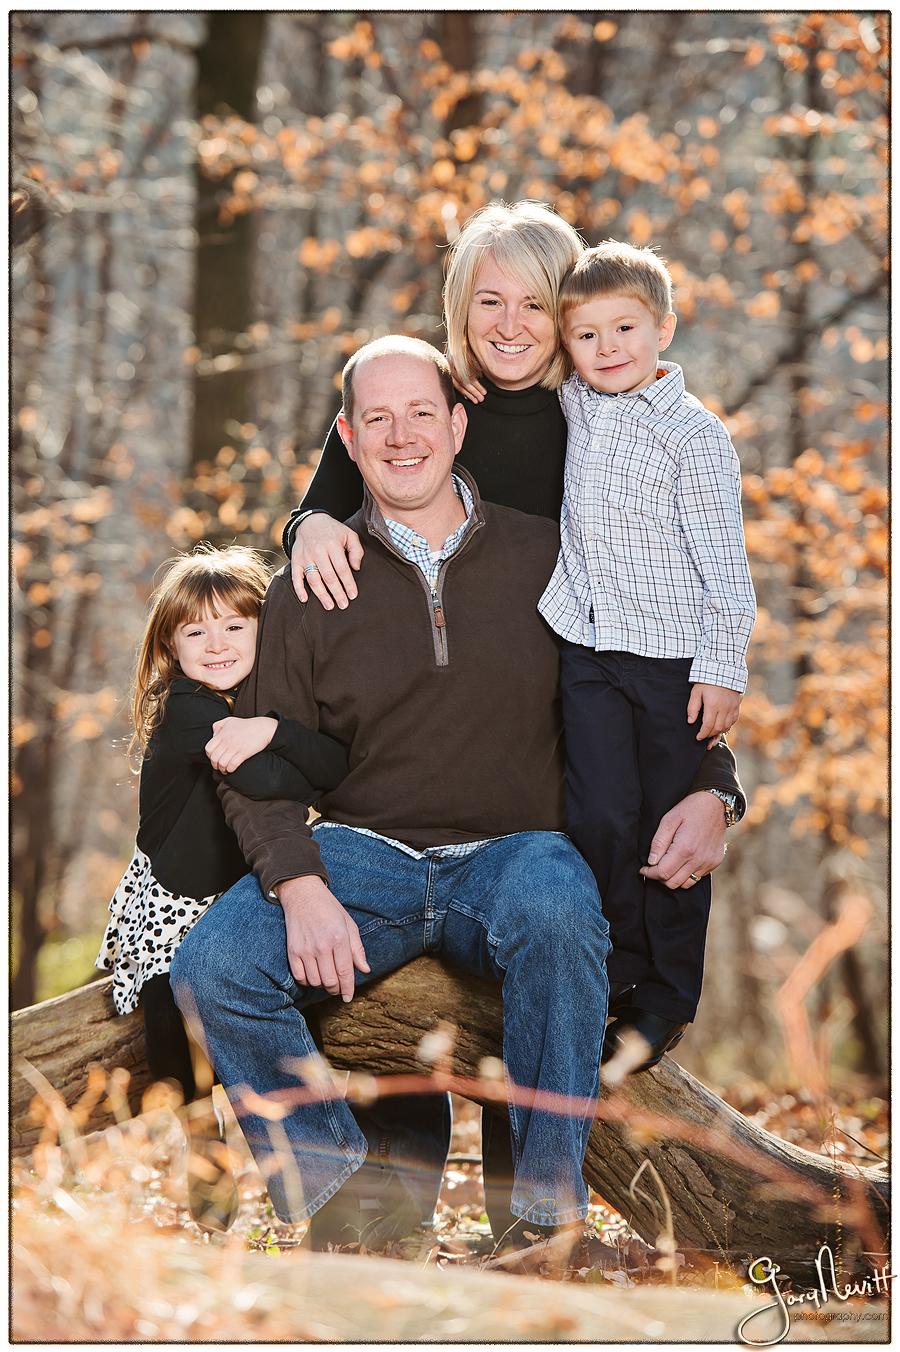 Fanelli Family Portraits - West Chester - Philadelphia- Gary Nevitt Photography-168